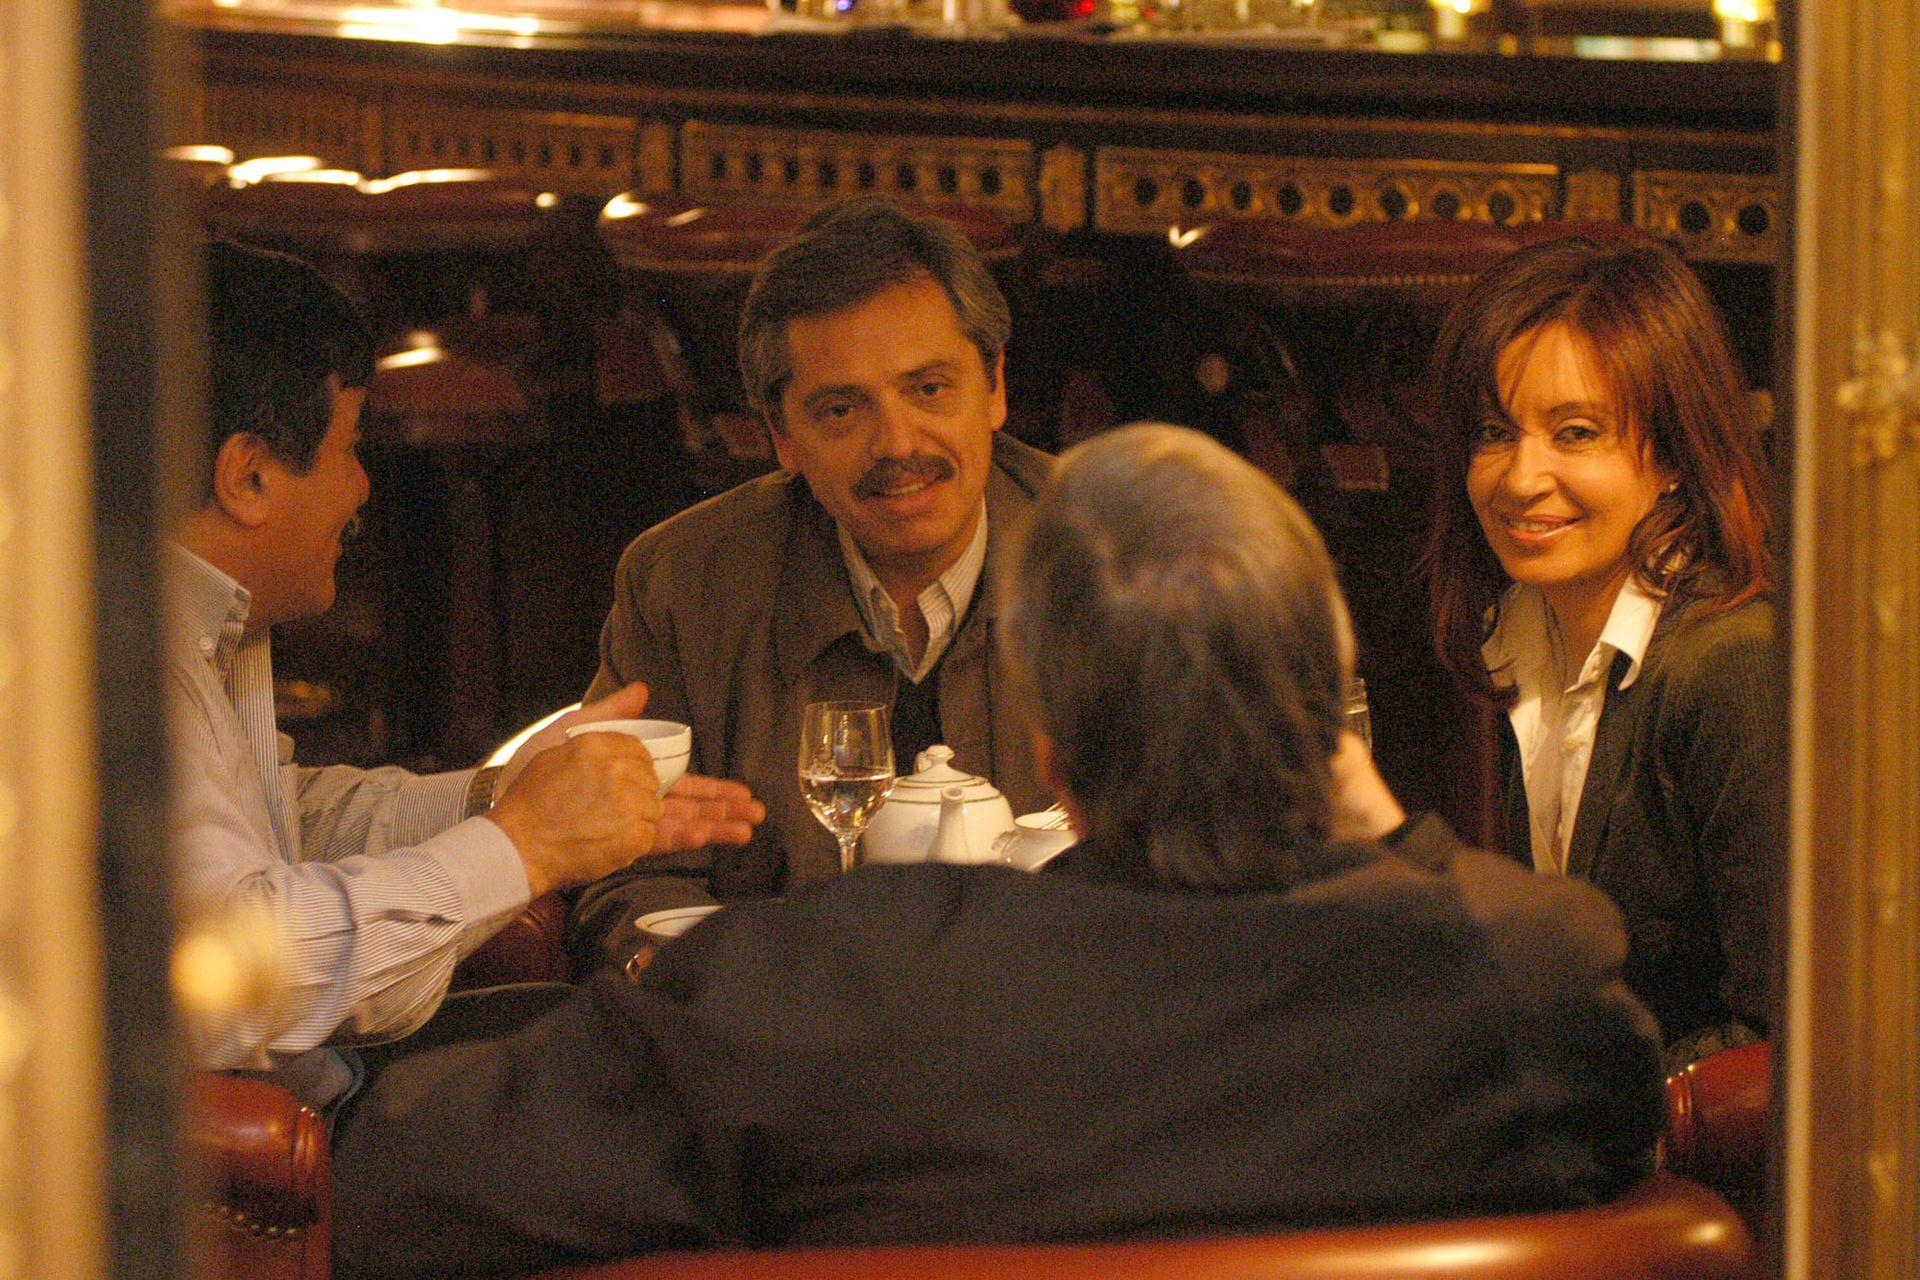 Encuentro en el bar del hotel Meurice, de París: Alberto Fernández, Cristina Fernández, Nestor Kirchner y Carlos Zannini, el 19 de enero de 2005